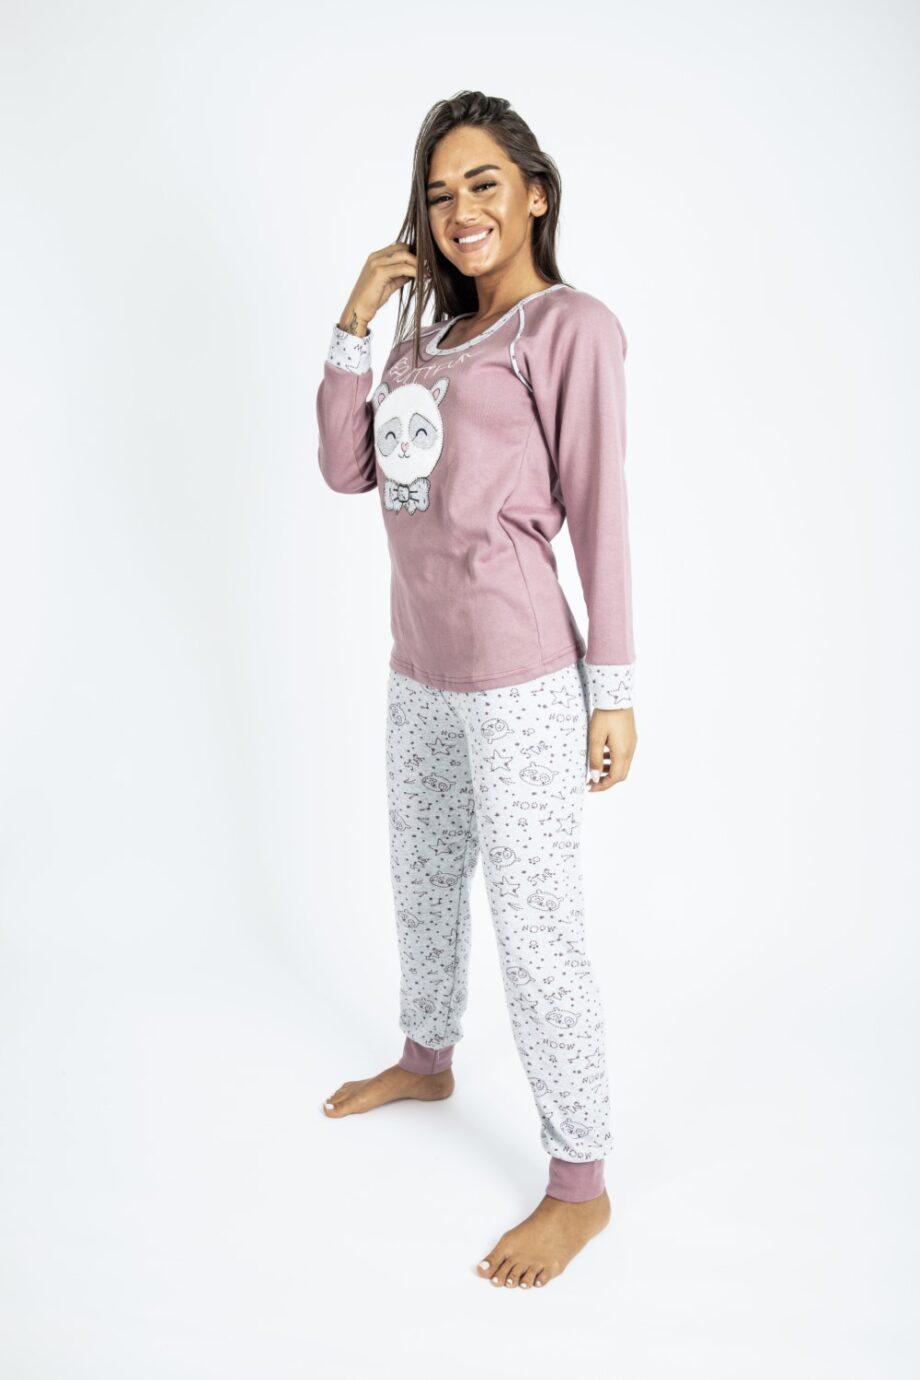 pijama woman gatoula